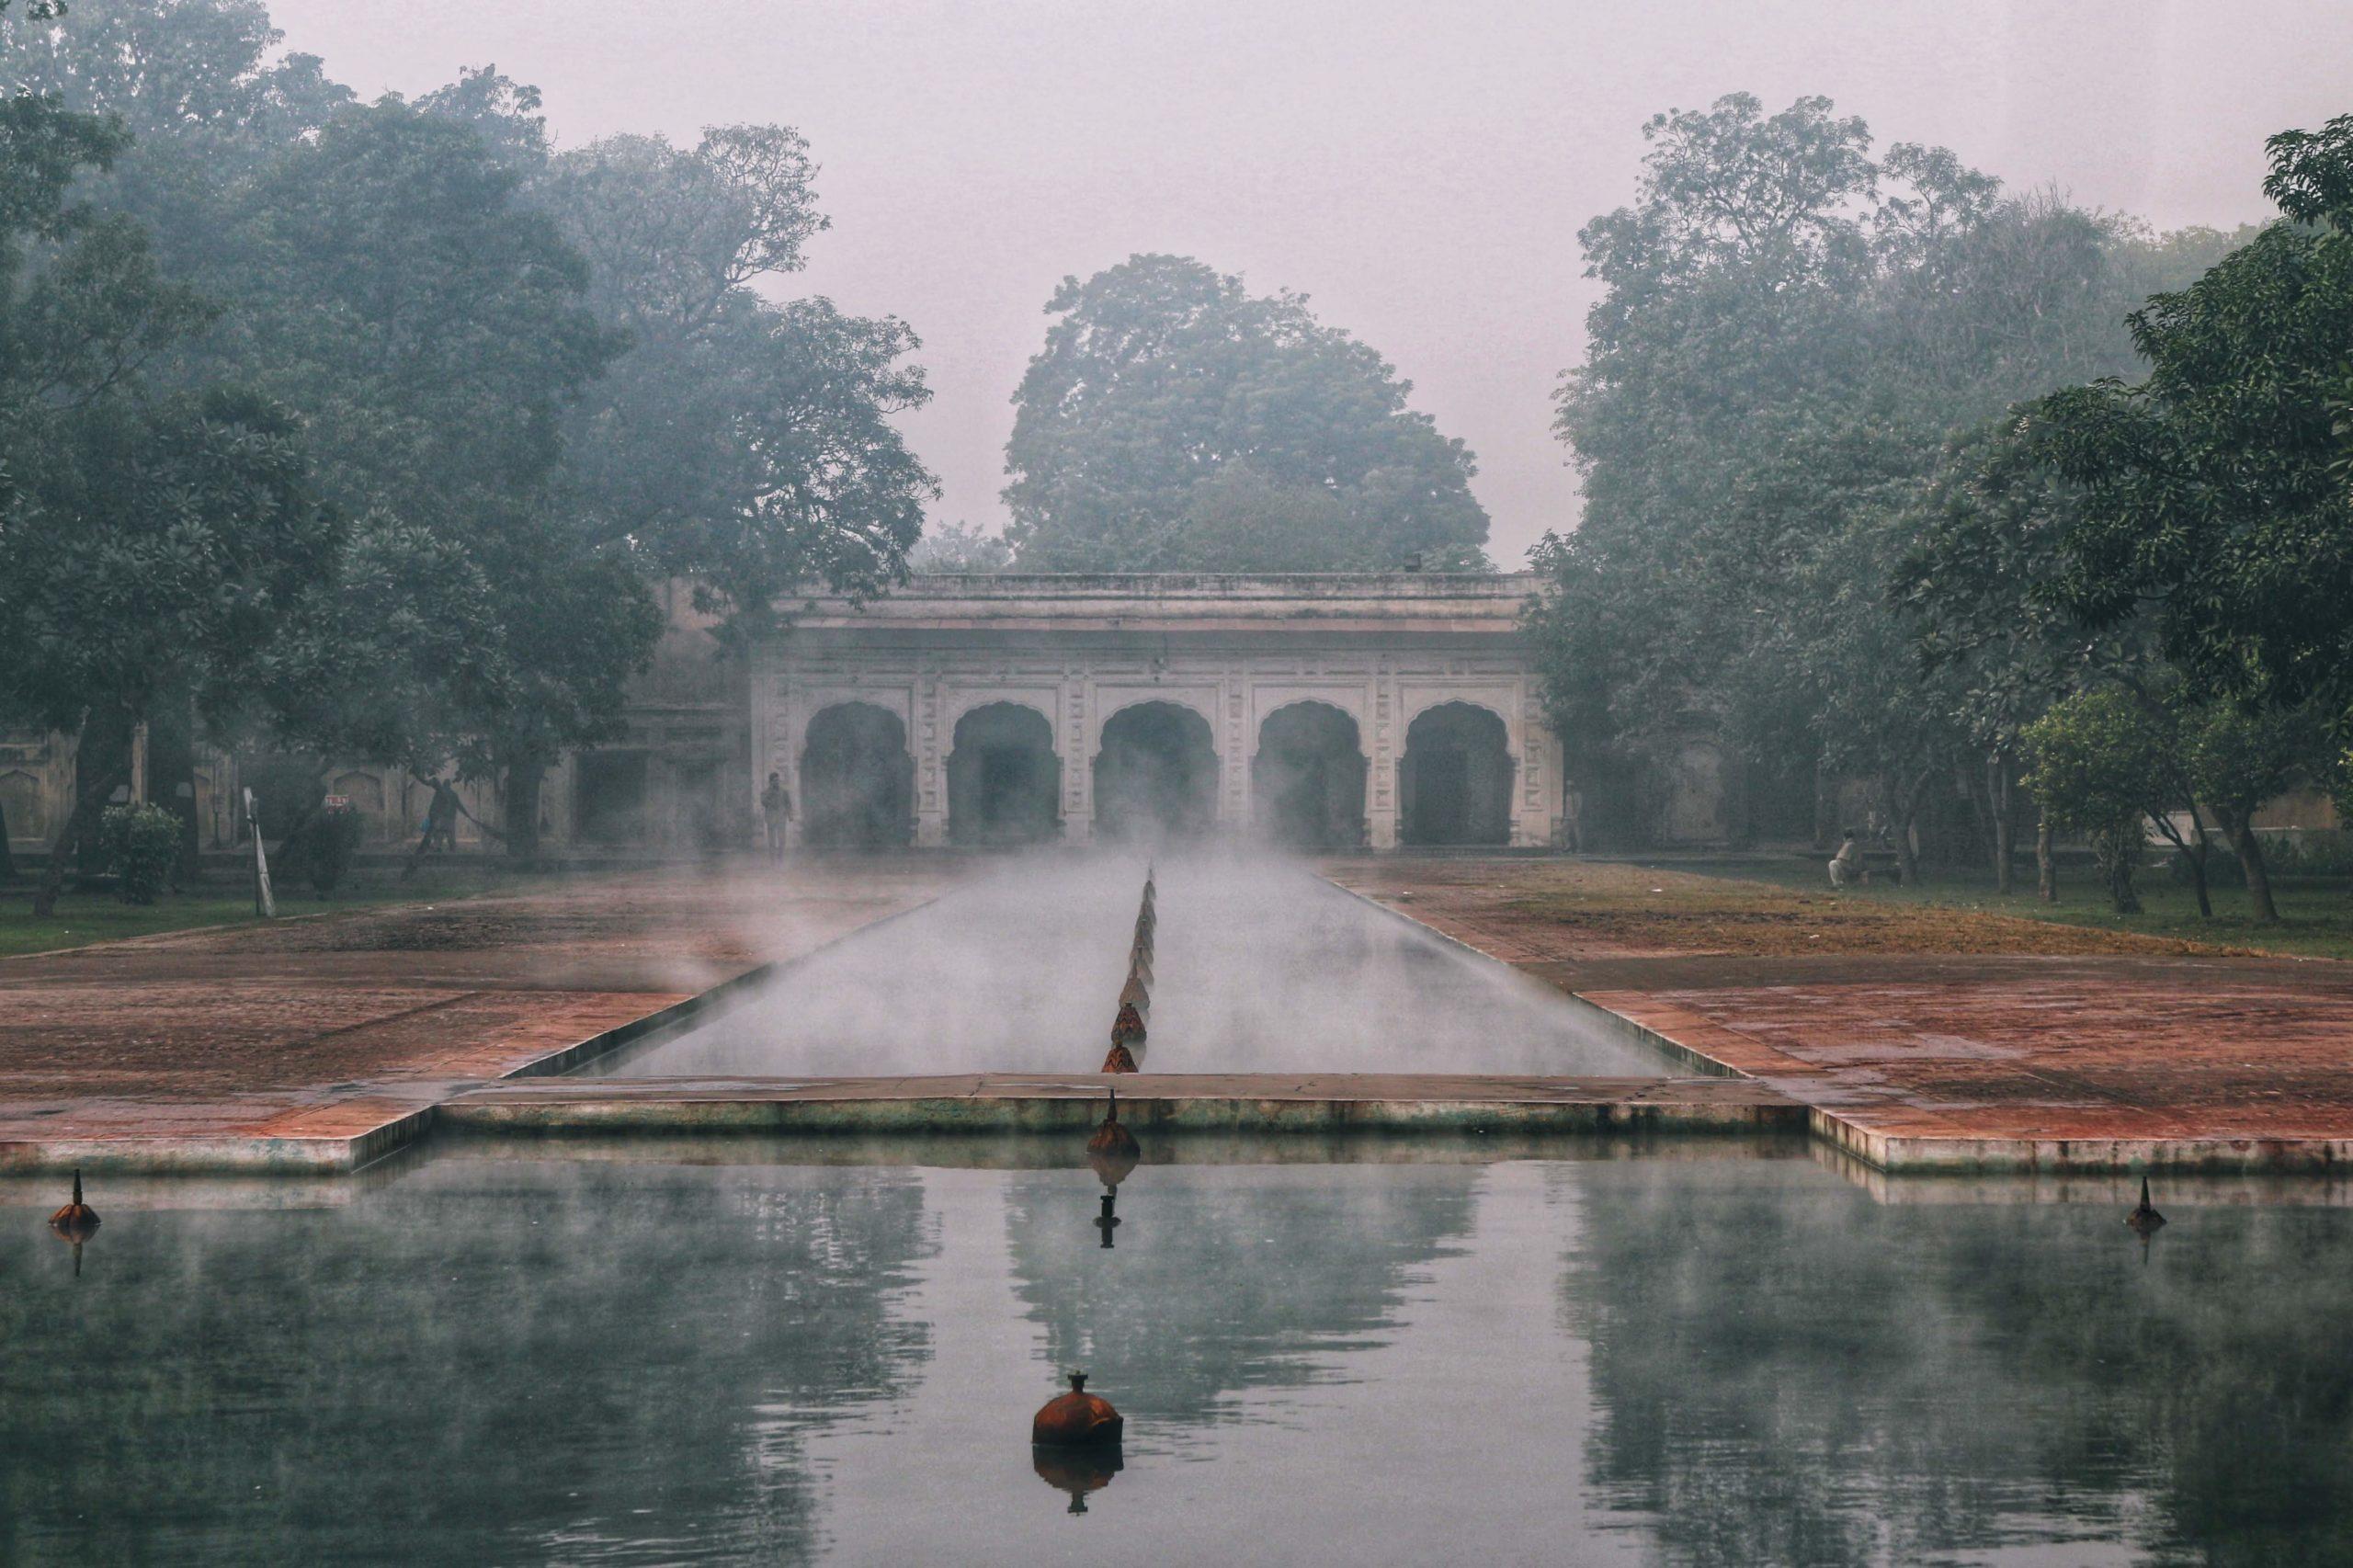 دسمبر 2019 کی لاہور کے شالیمار گارڈن کی ایک اور تصویر- [تصویر بشکریہ ندا سہیل چودھری]